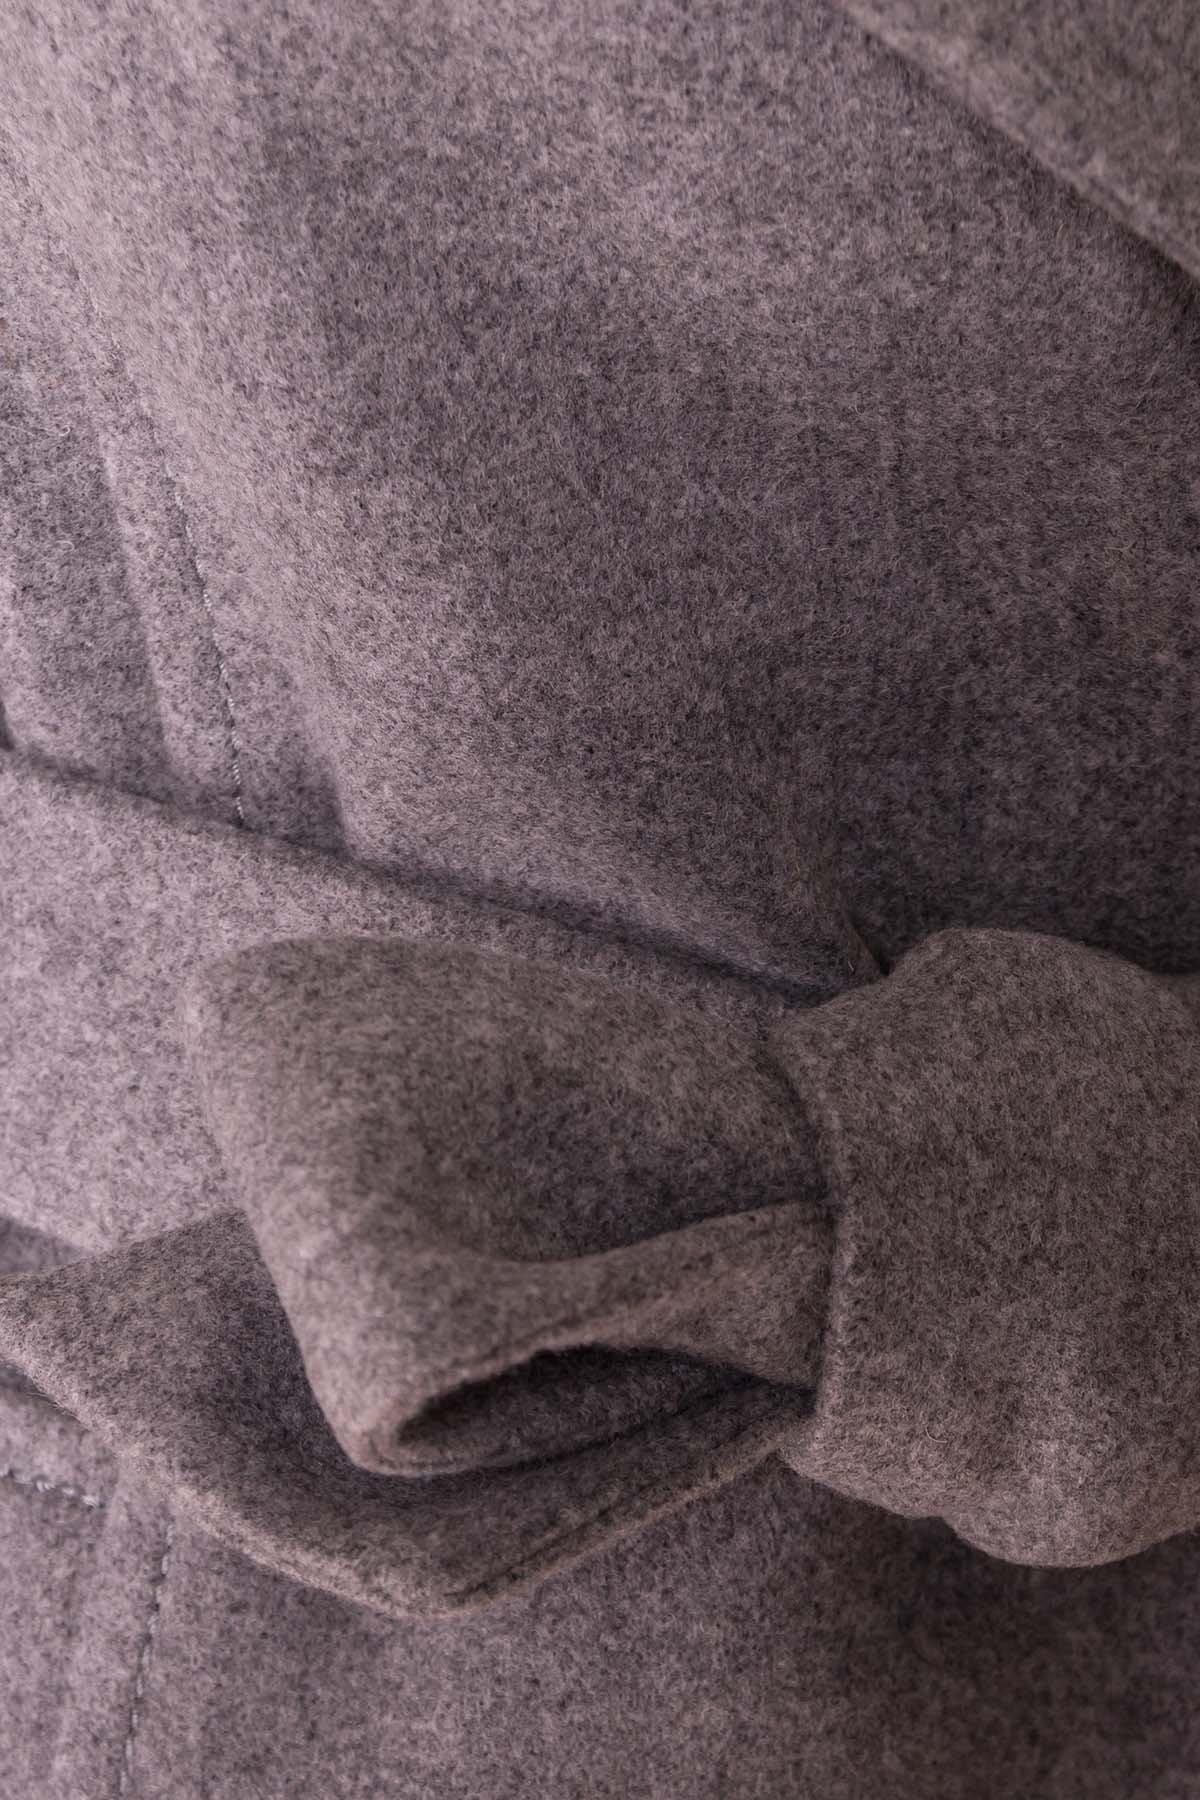 Пальто Лесли 6295 АРТ. 41079 Цвет: Серый 18 - фото 6, интернет магазин tm-modus.ru